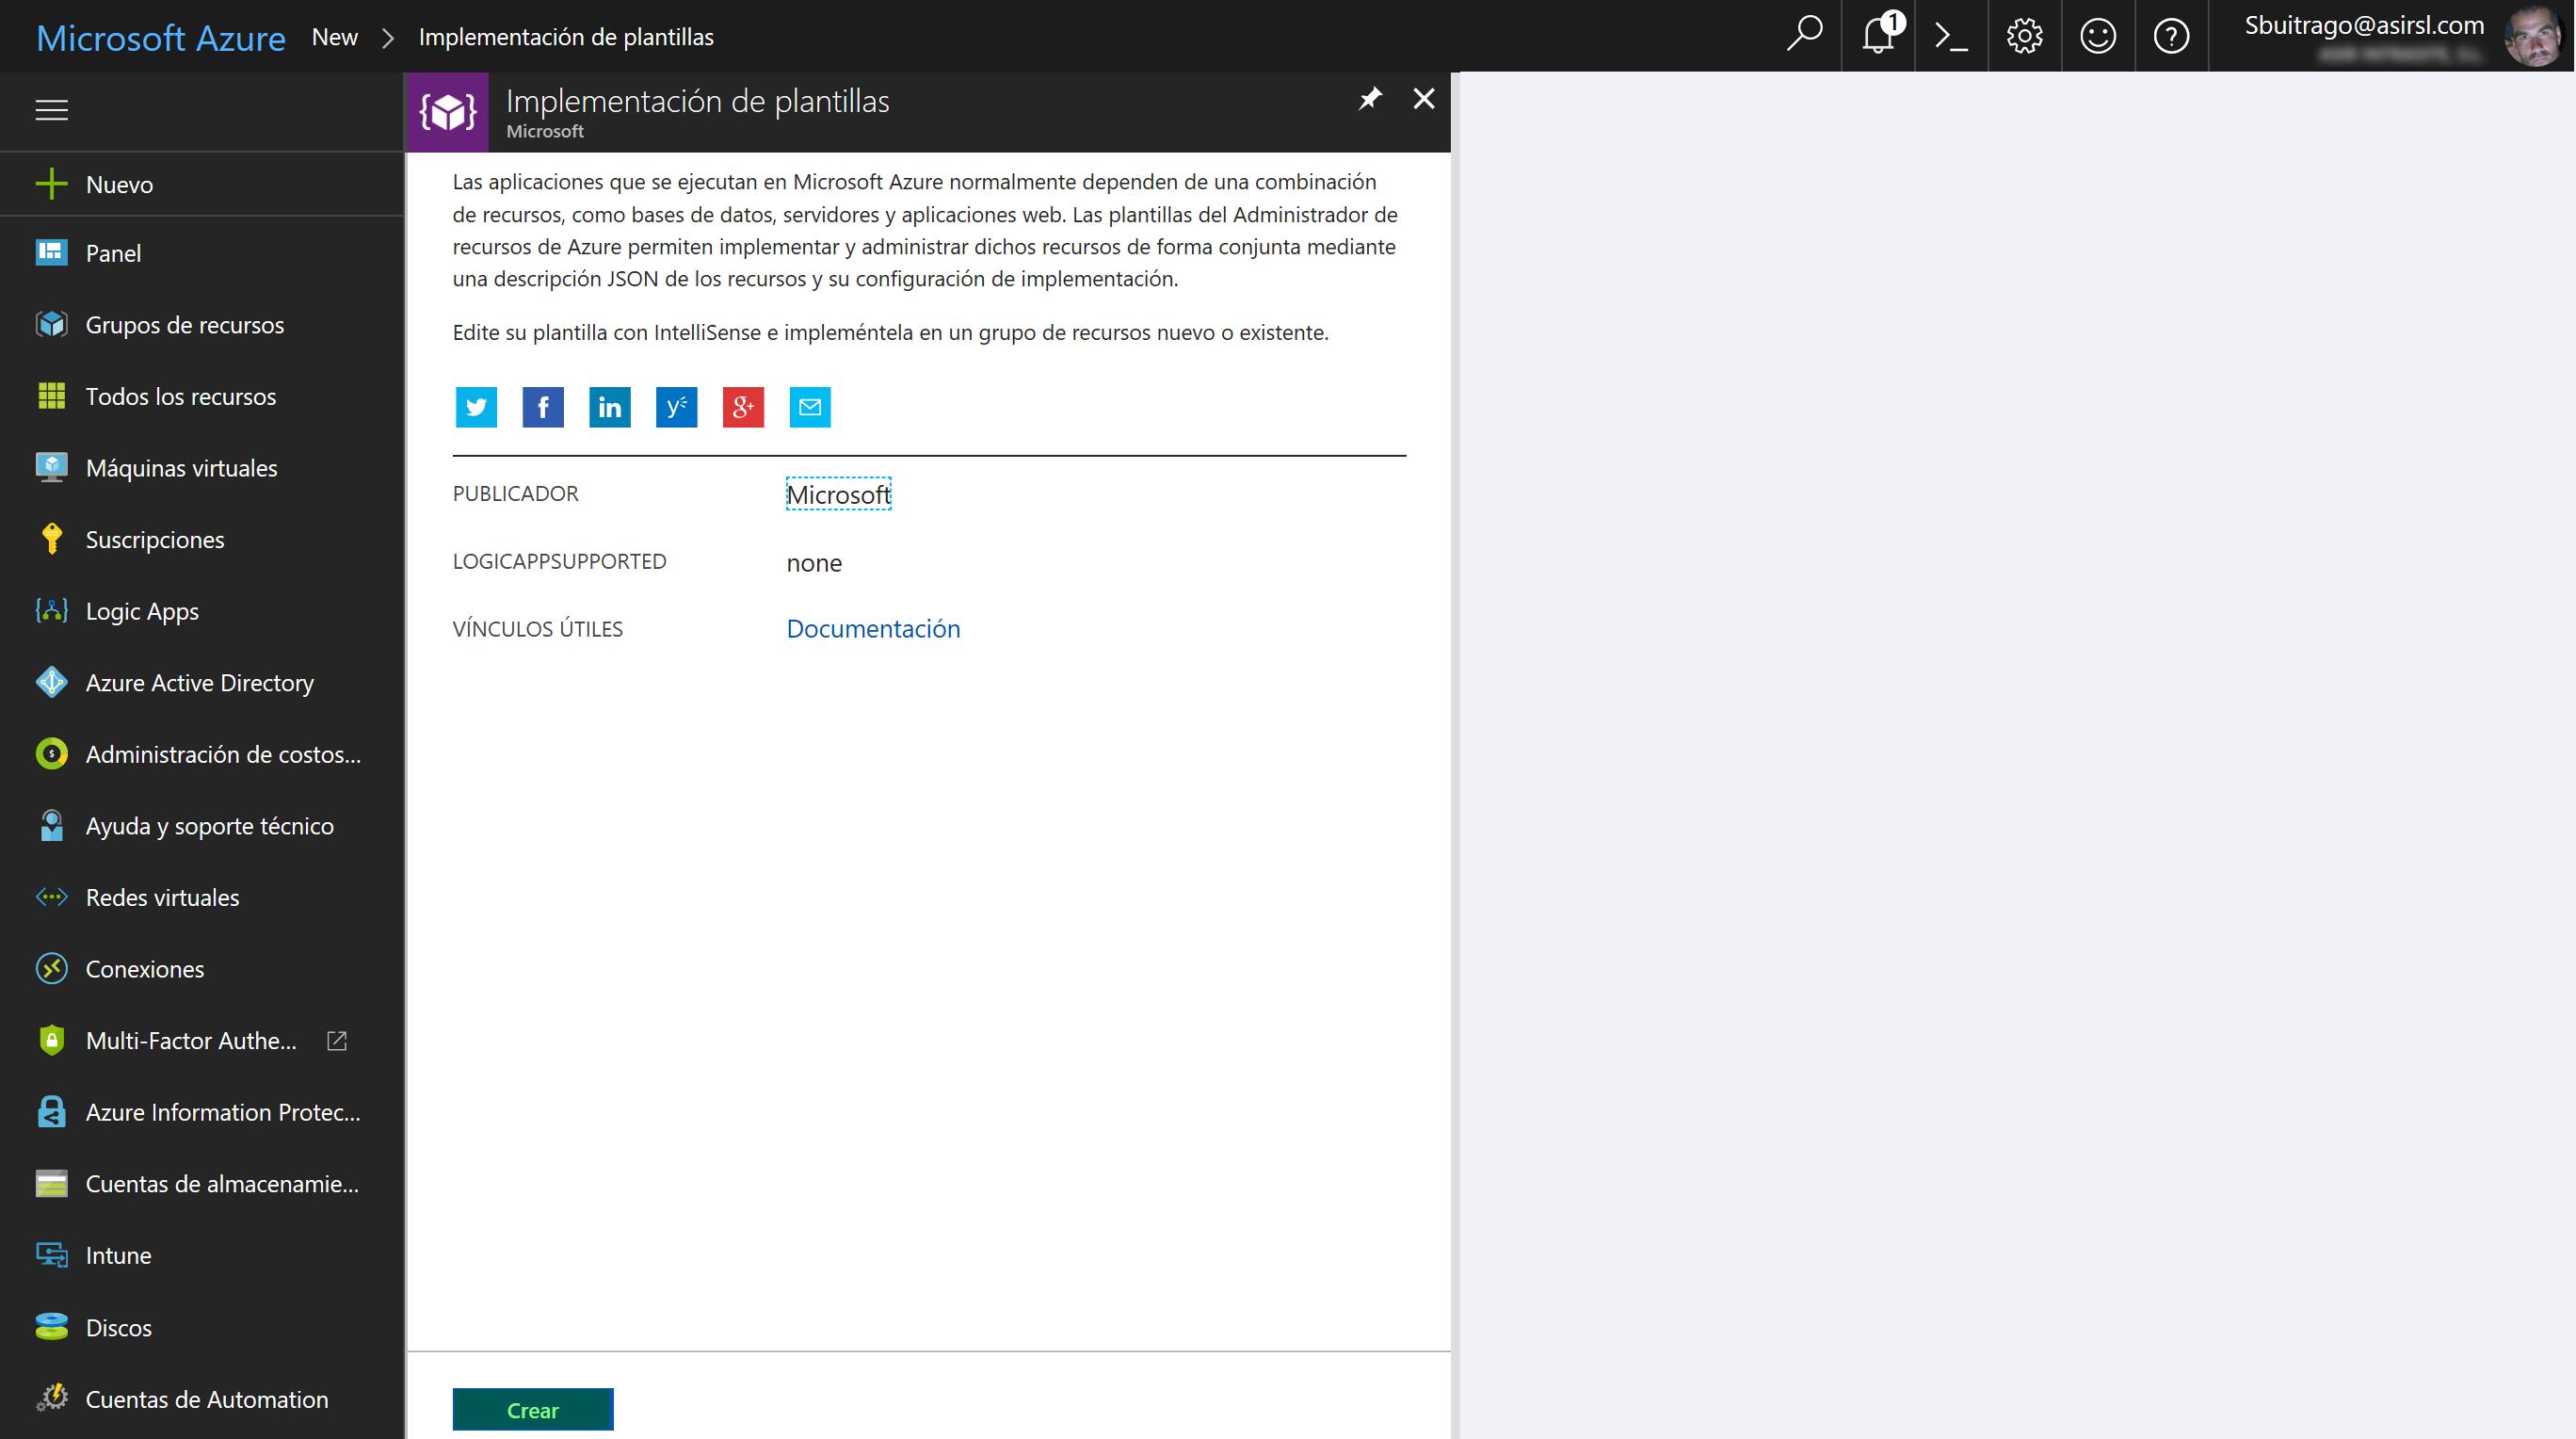 Moviendo nuestros servicios y máquinas virtuales a Azure